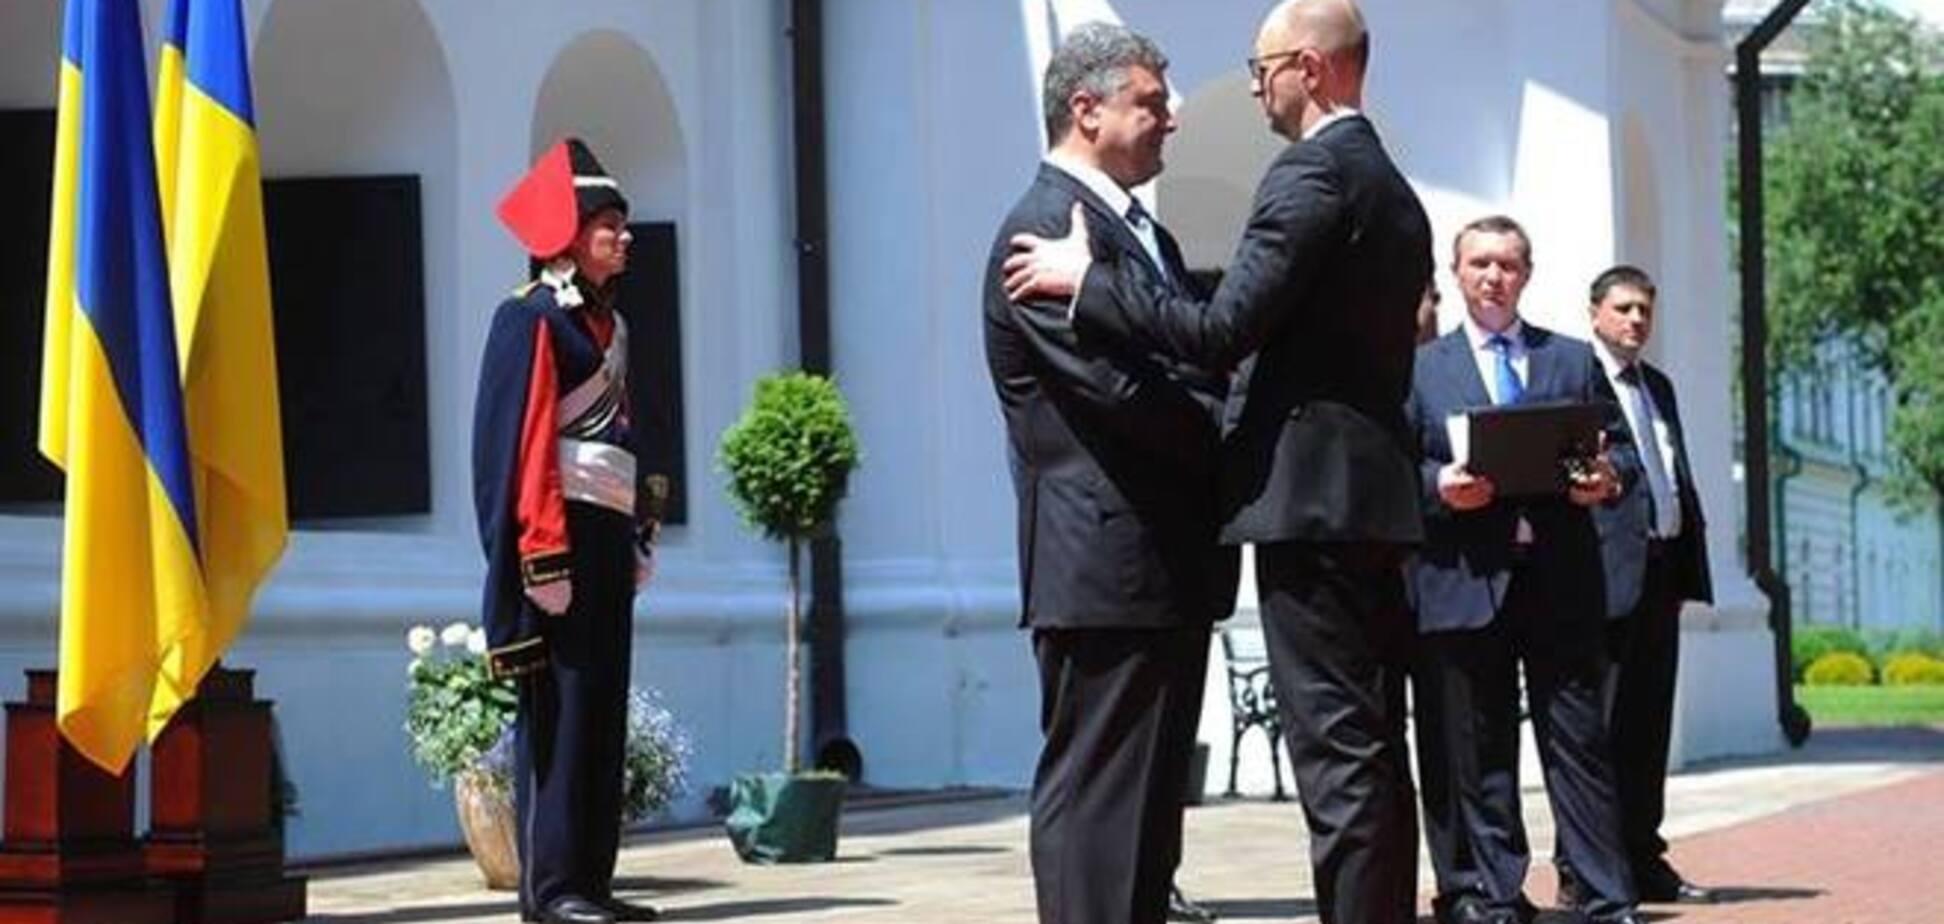 Яценюк: Президент, Рада і уряд будуть діяти як одне ціле